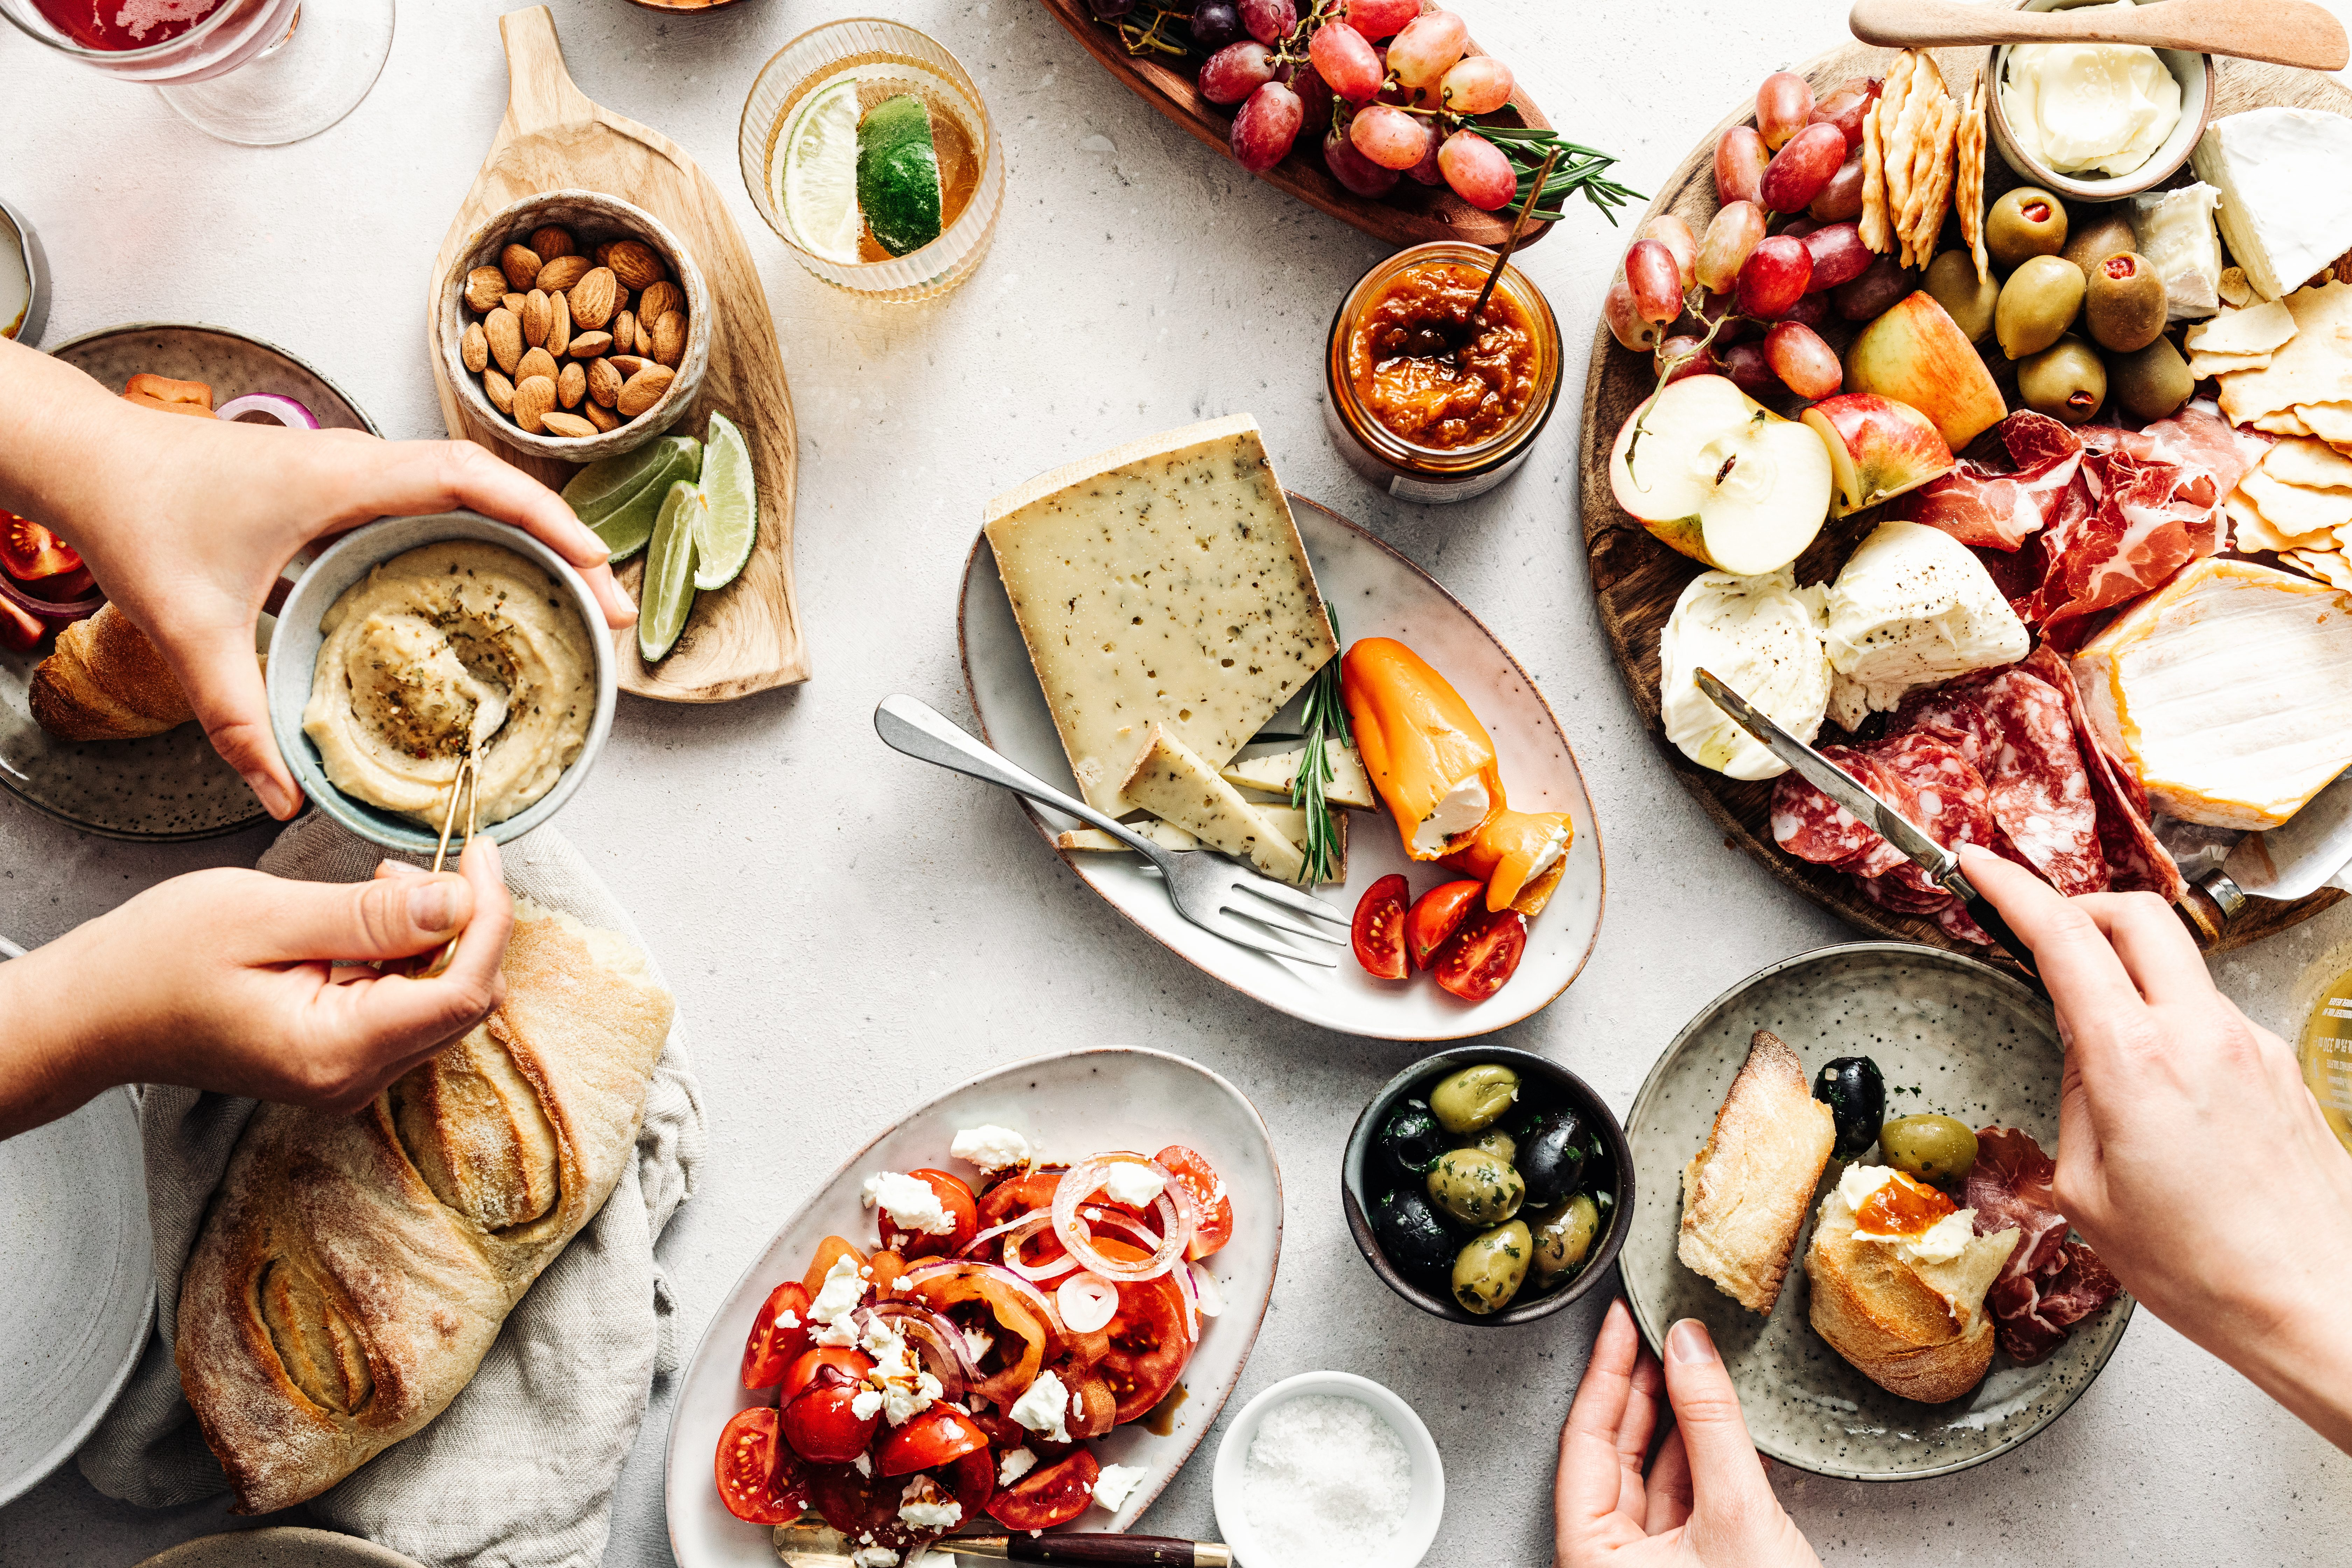 Abbinamenti sbagliati: le coppie di alimenti da non mangiare insieme